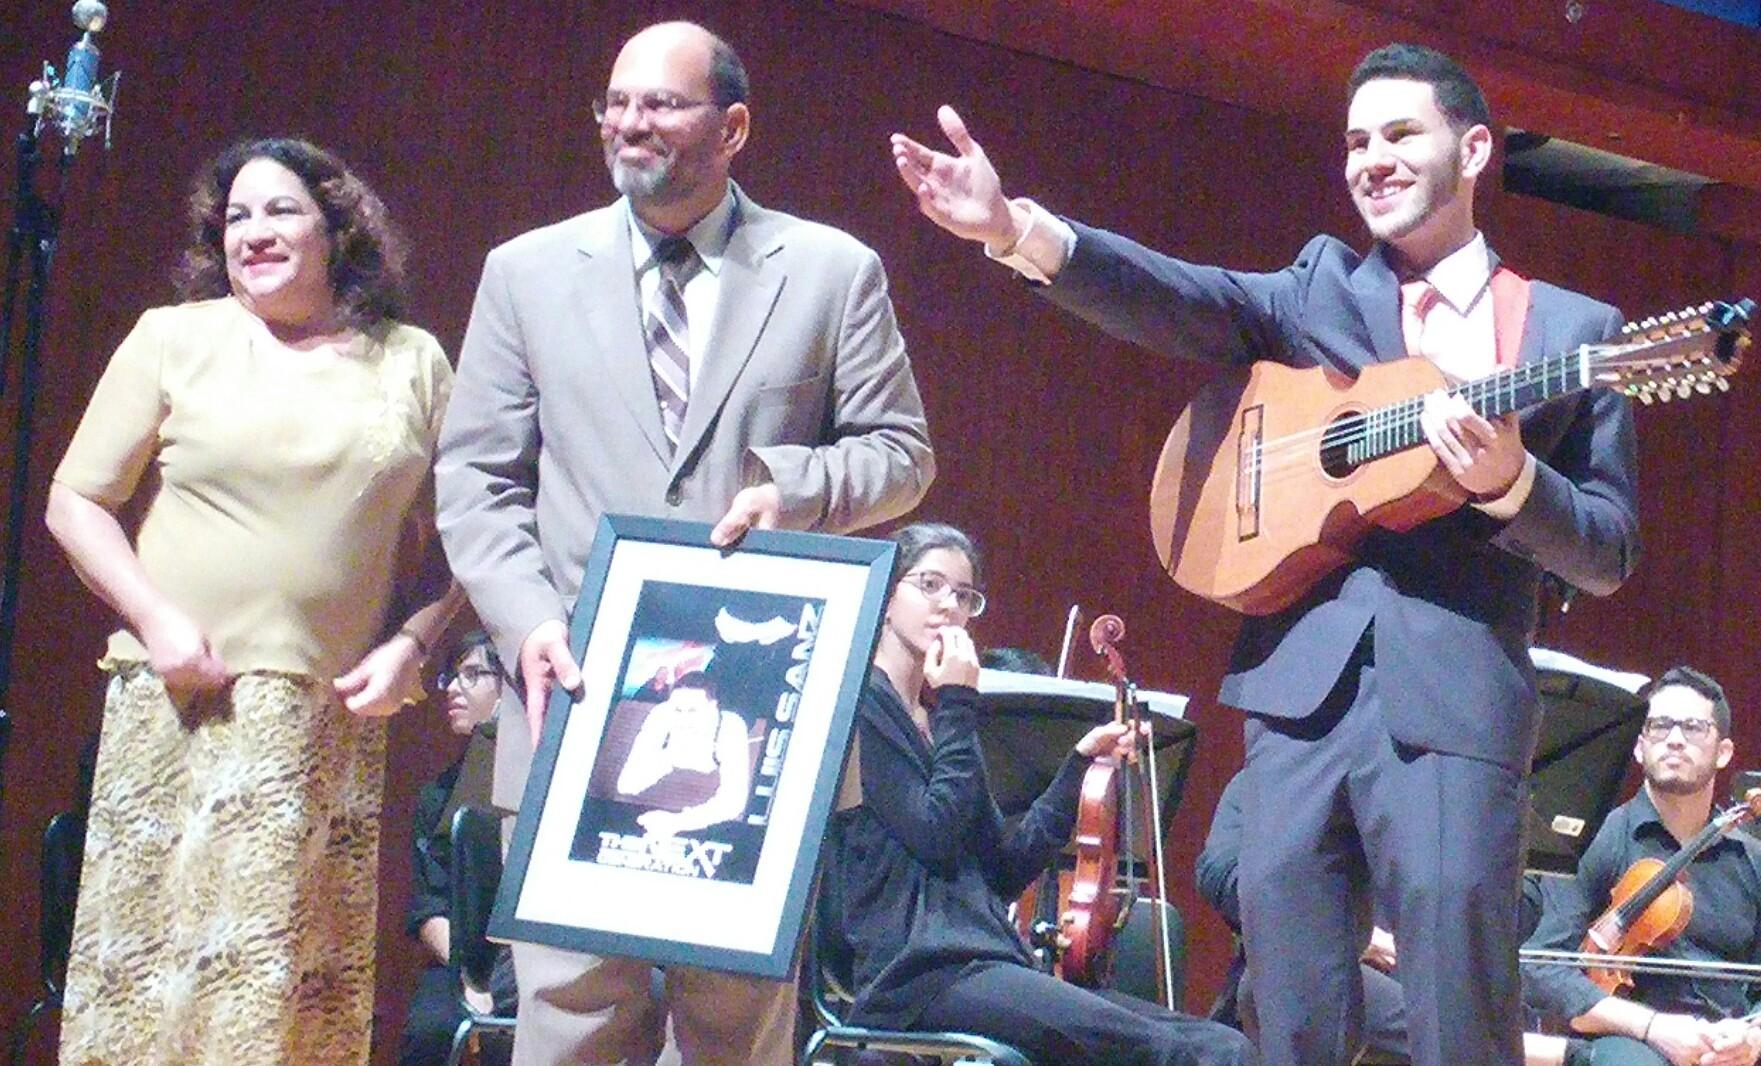 Luis Sanz, aquí junto a sus progenitores, se graduó recientemente del Conservatorio de Música de Puerto Rico. (Foto Gabriela Ortiz para Fundación Nacional para la Cultura Popular)